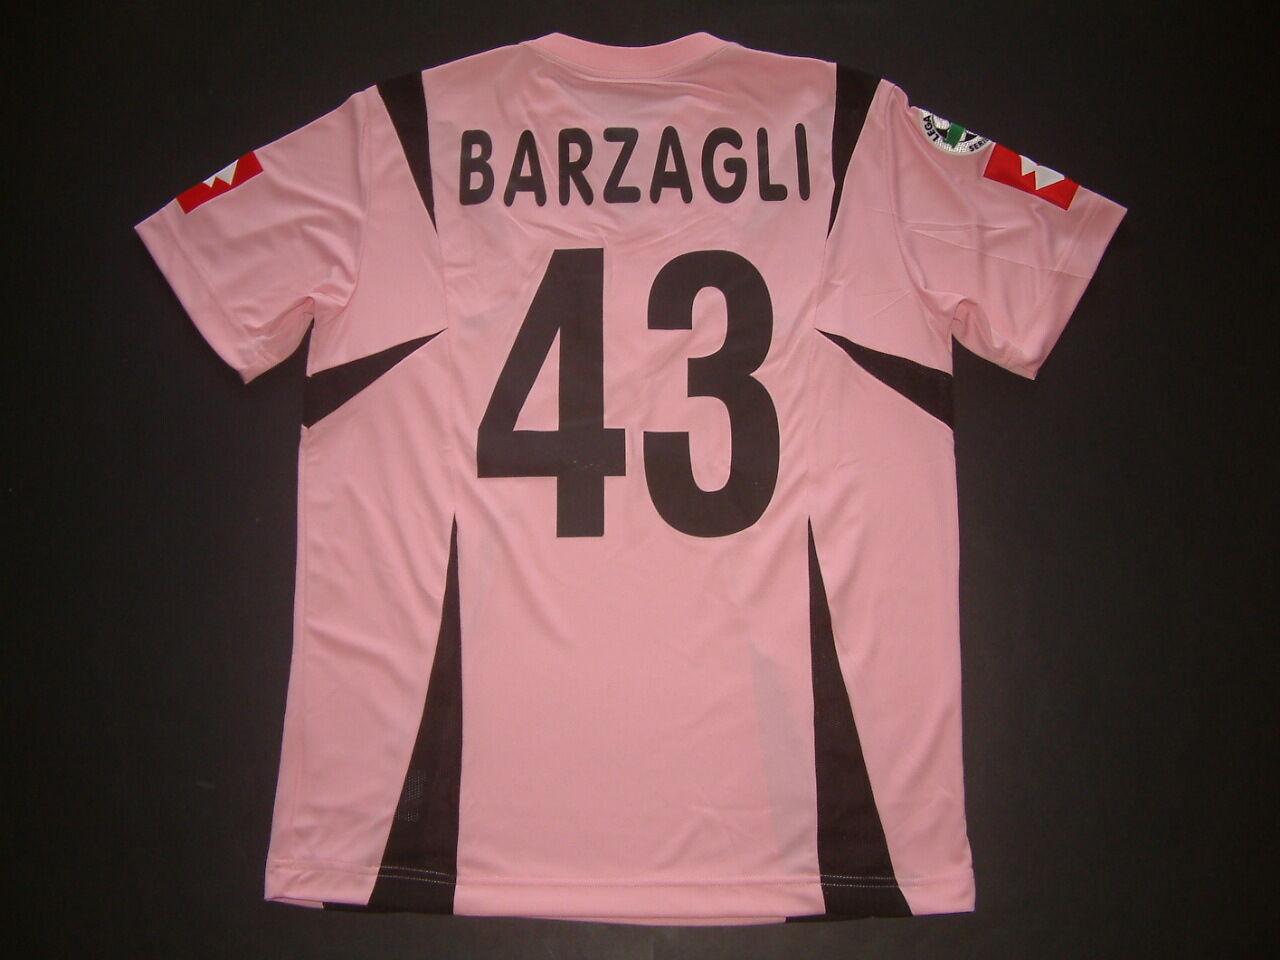 BARZAGLI BARZAGLI BARZAGLI PALERMO HOME match ausgegebenen Mc-ss 2006-2007 Legierung Fußball e9eb33